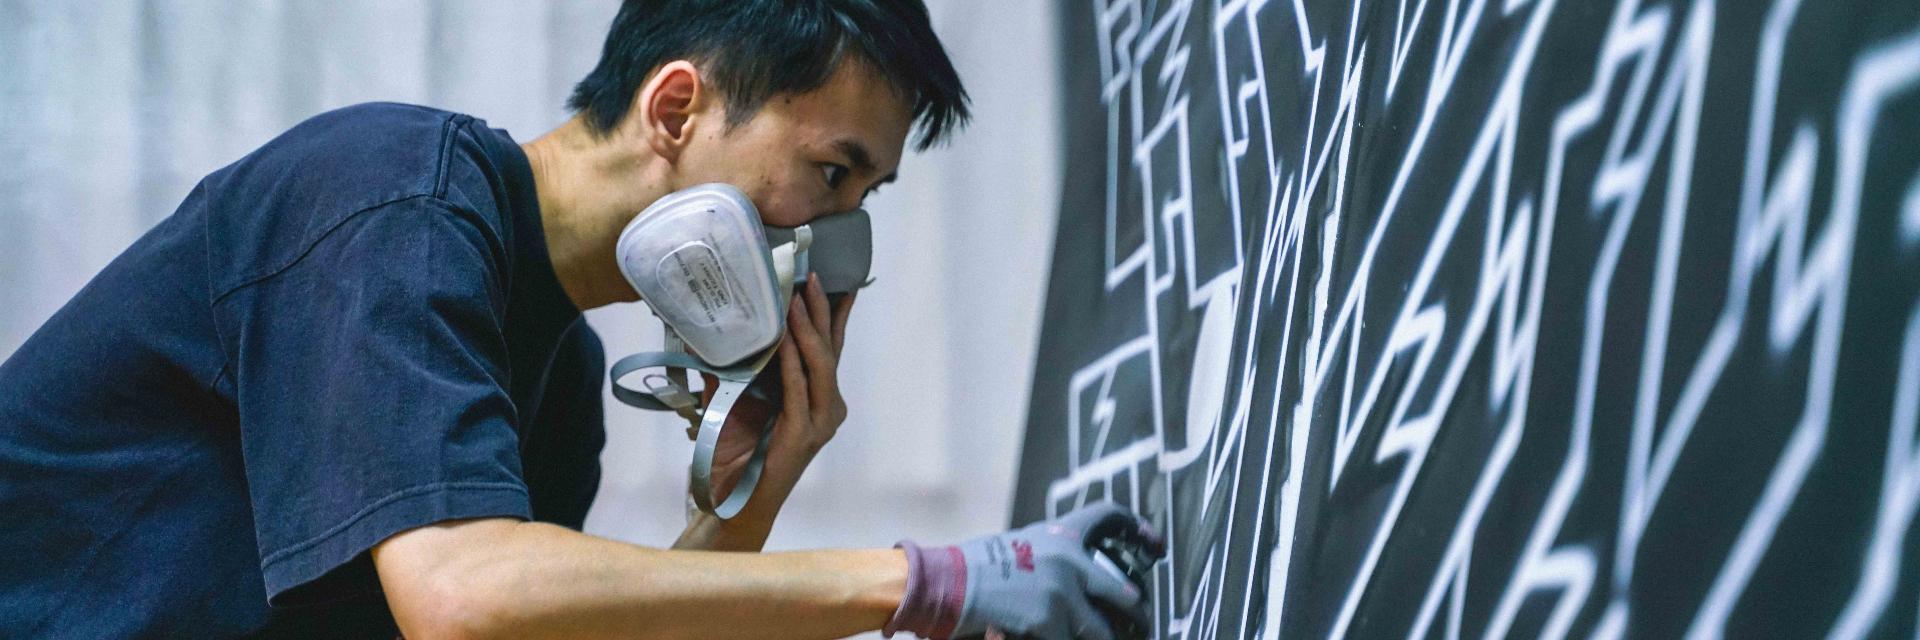 專訪 / 街頭文化走向商業錯了嗎?台灣塗鴉先鋒 Reach:「除非你是鬼才,全世界都認識你,那就可以耍性子!」